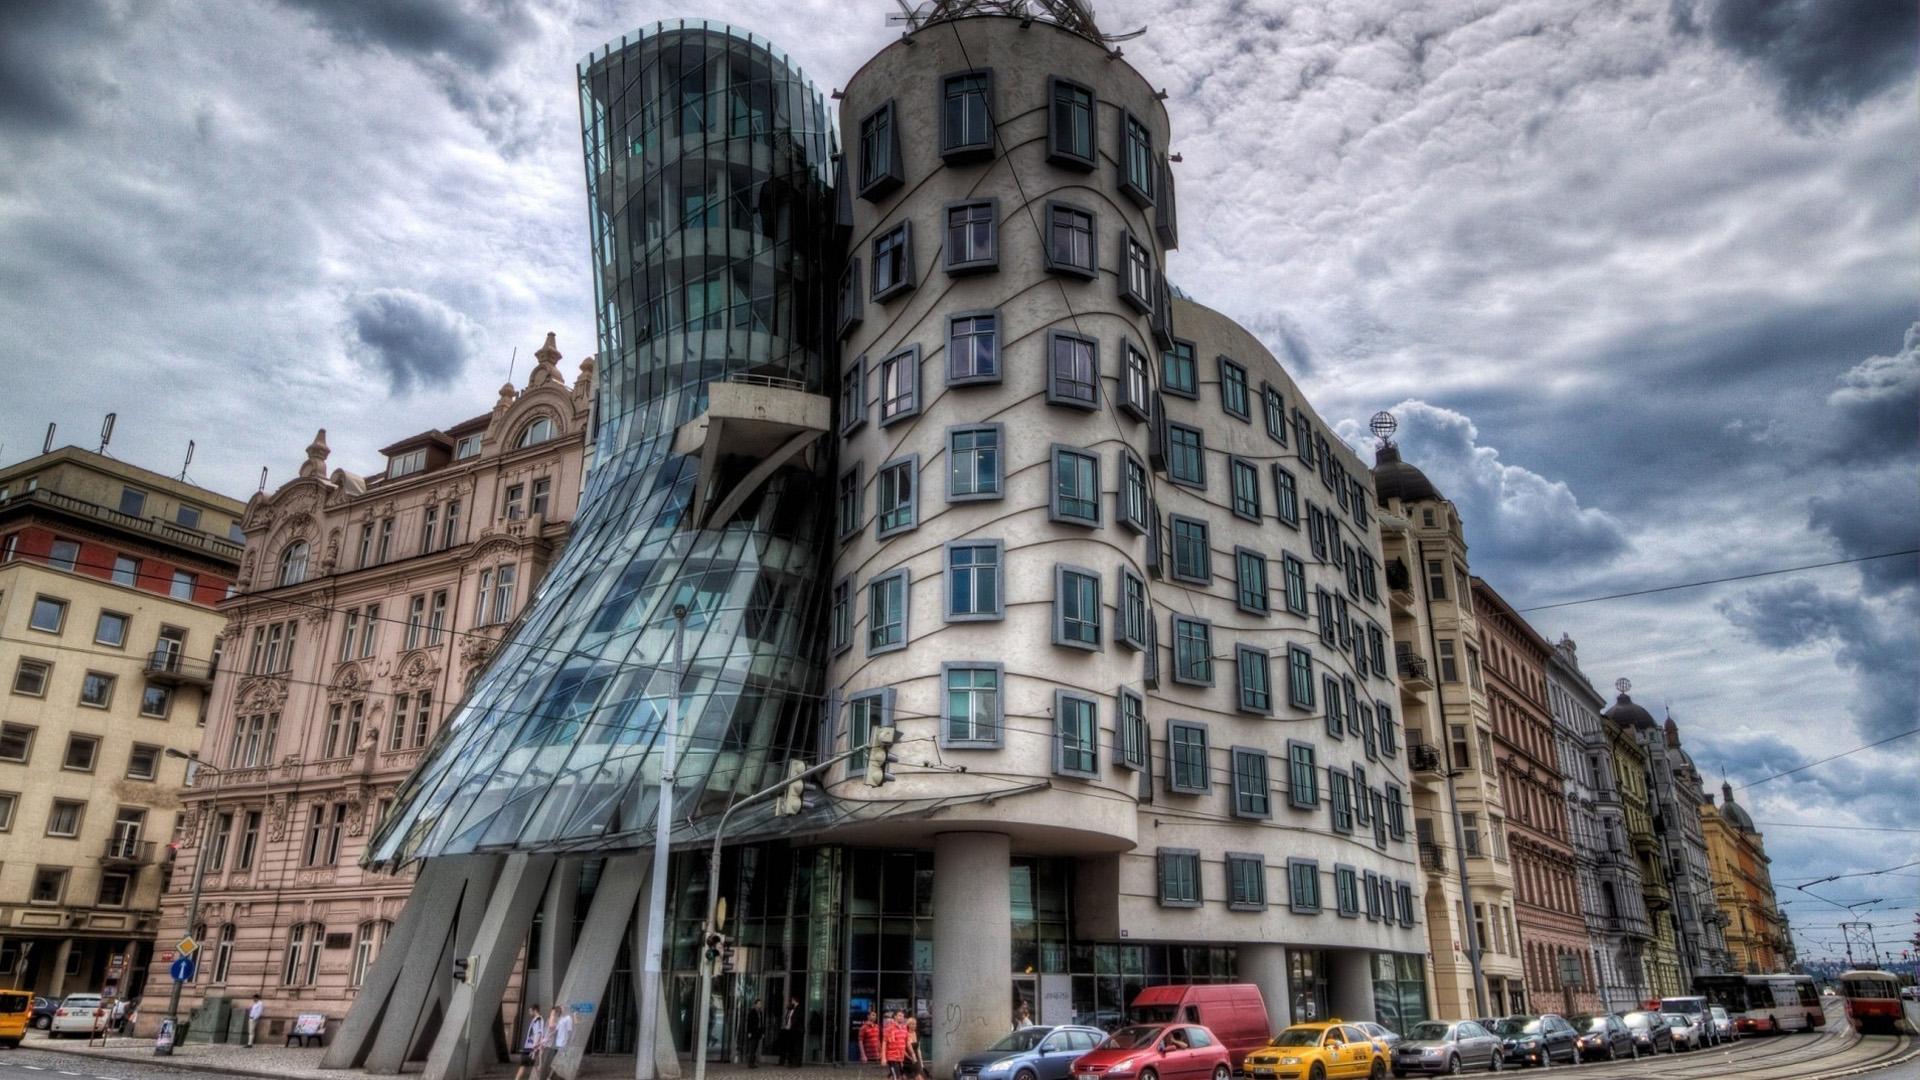 El objetivo de este diseño es otorgarle constante movimiento al edificio, como si no dejara de bailar por sí mismo